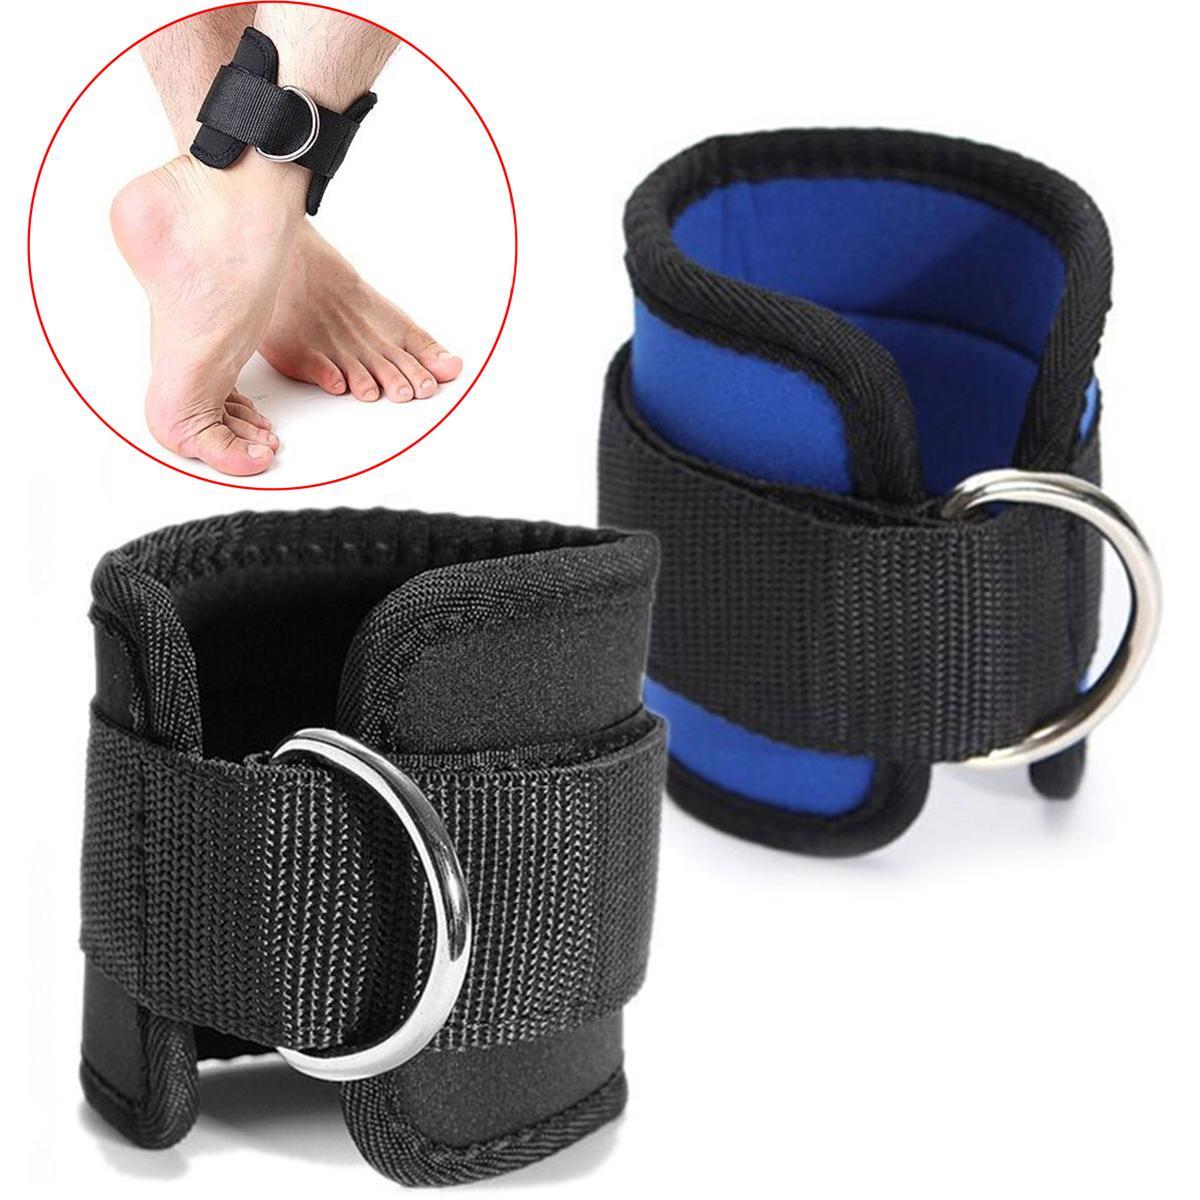 Новейшие D-Ring Bandkle Braple Buckle Body Body Body Сопротивление Дизак Гидратный тренажерный зал Multi Бедра Лодыжки Ноги Манжеты Питание Подъемная Фитнес